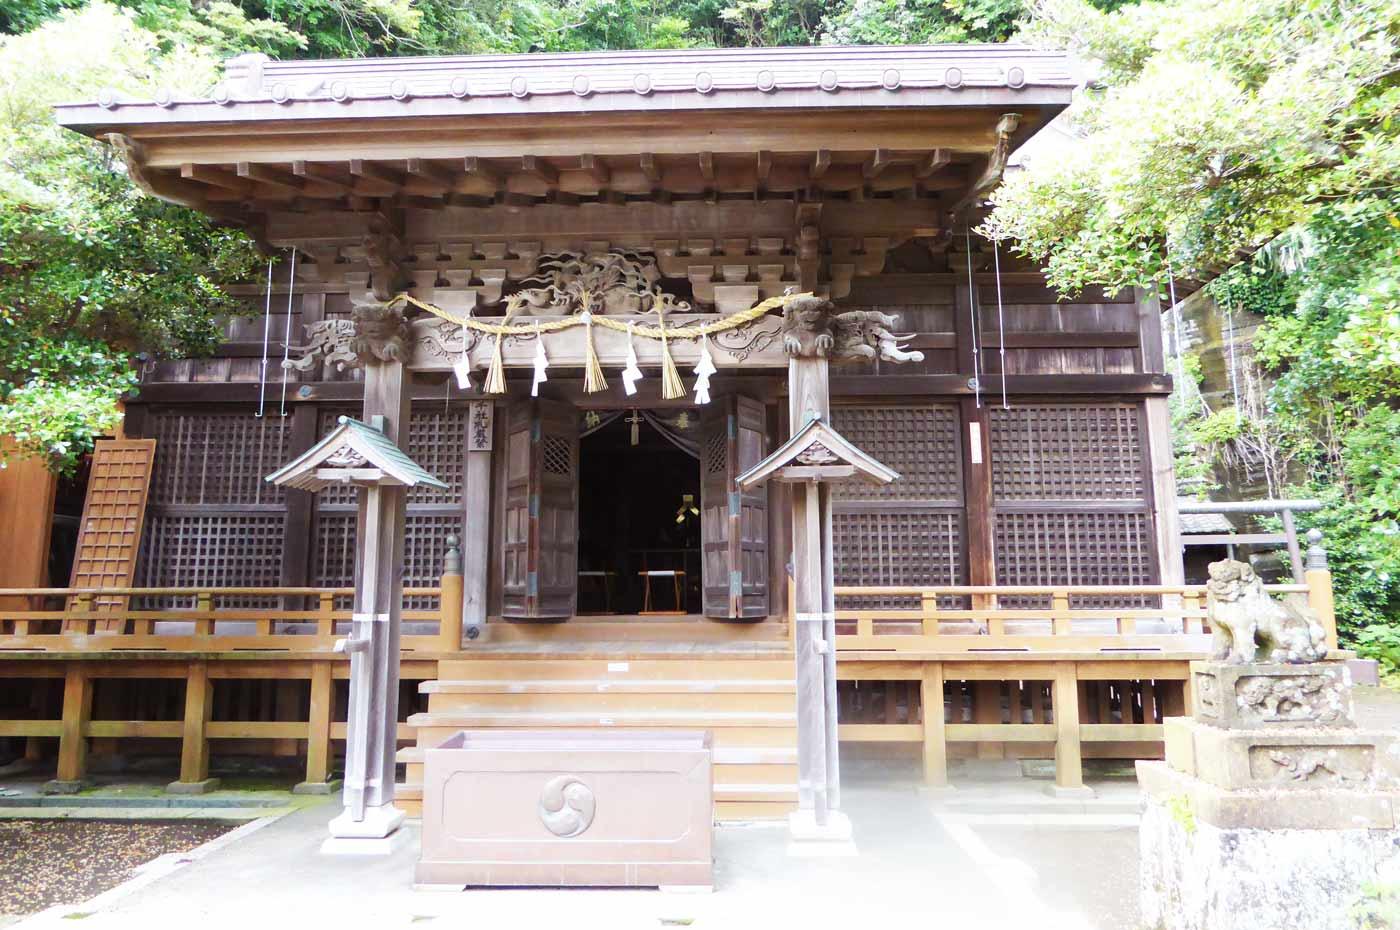 諏訪神社 館山市船形の拝殿